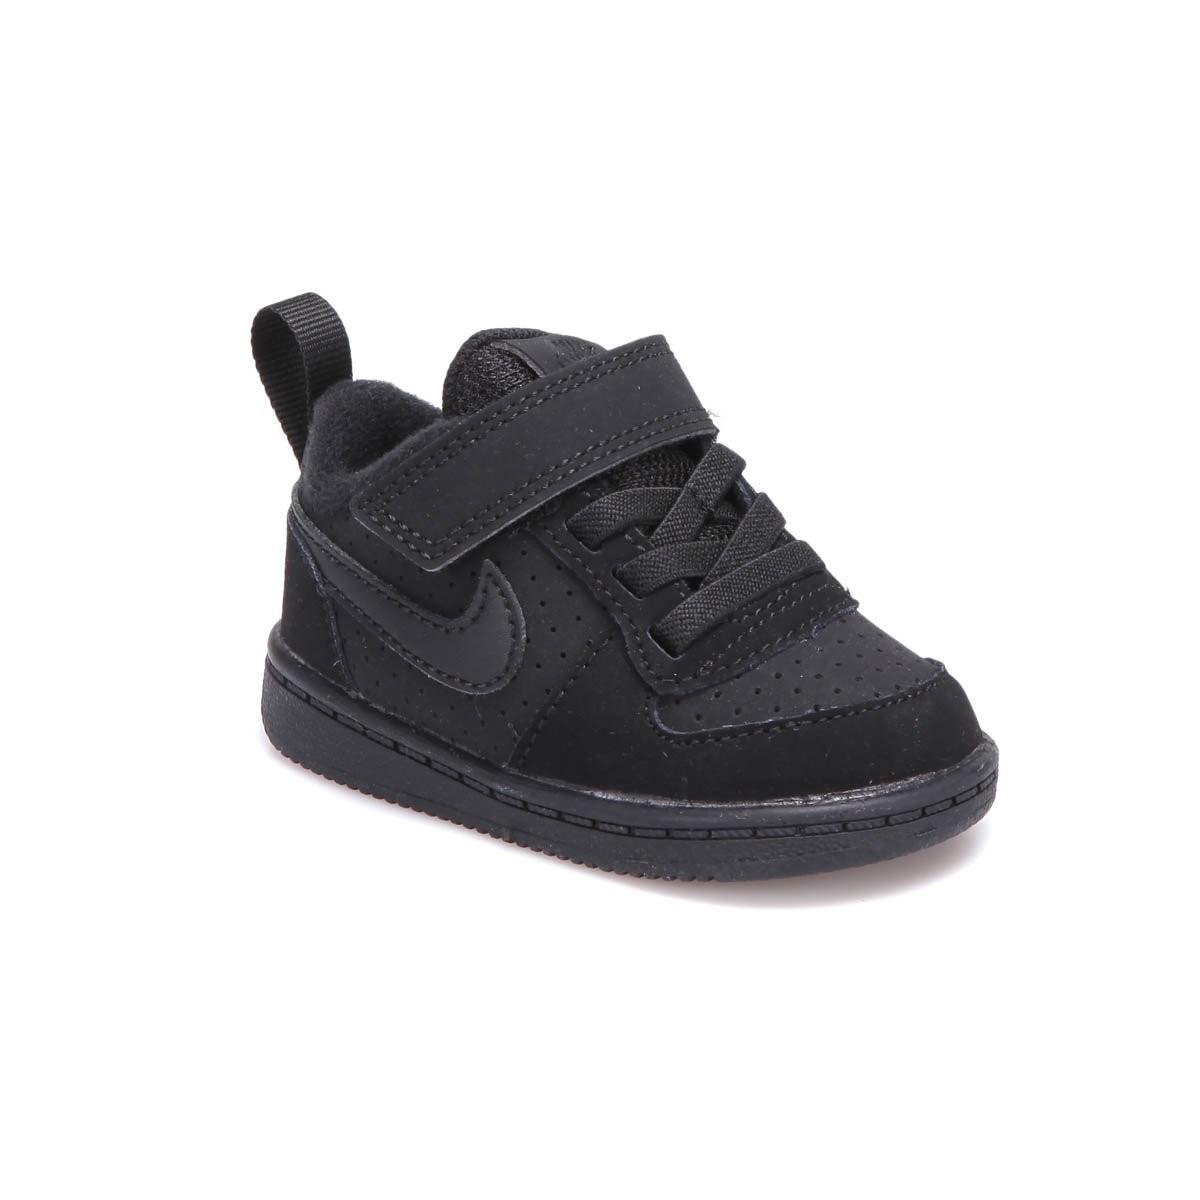 Court Borough Low Bebek Siyah Spor Ayakkabı